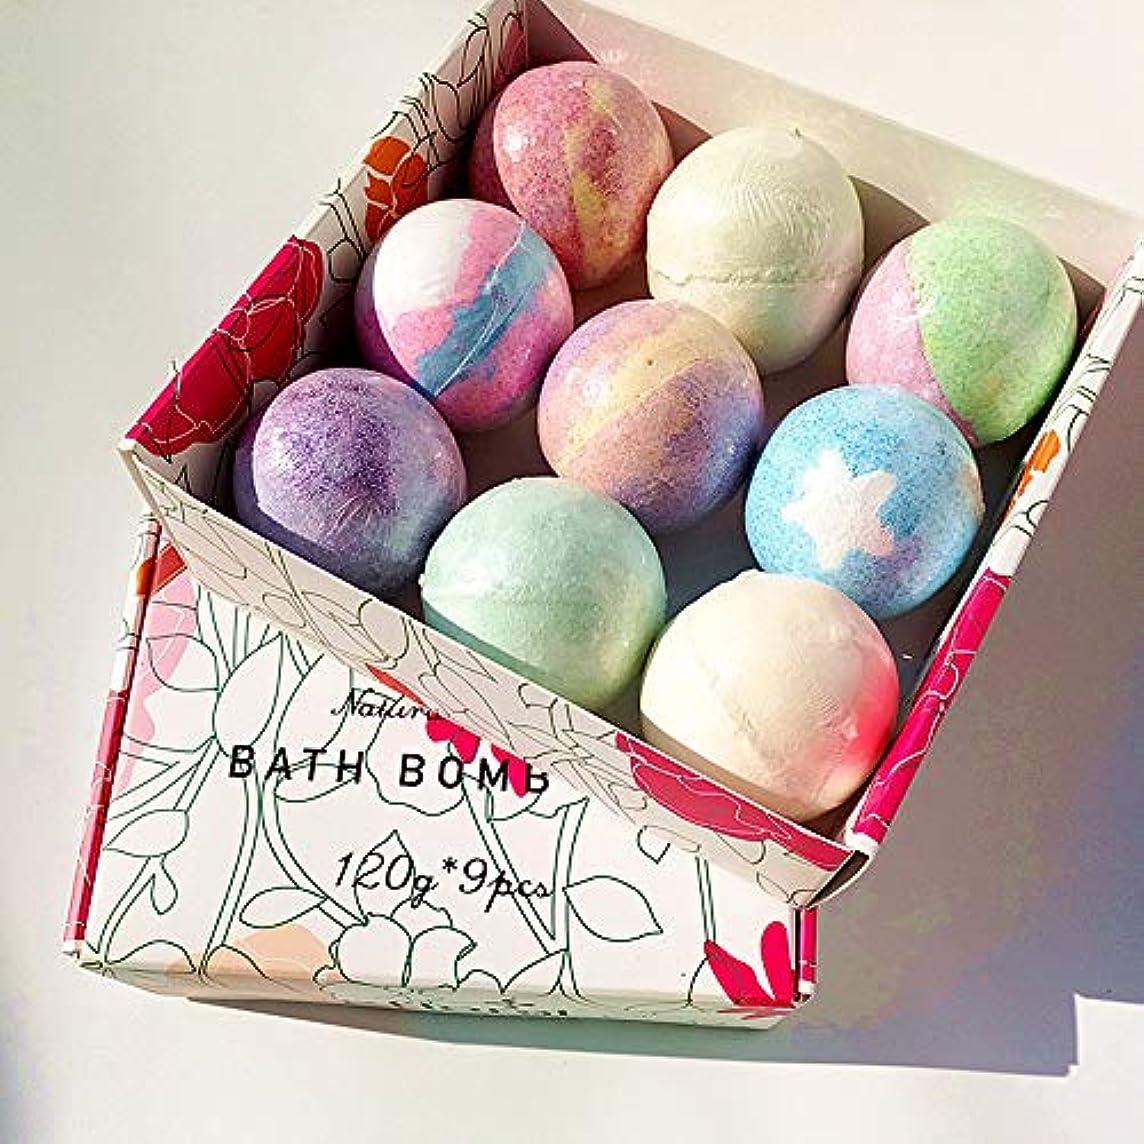 スタジオ投獄加速度バスボム 炭酸 入浴剤 ギフト 手作り お風呂用 9つの香りキット 天然素材 カラフル バスボール 母の日 プレゼント